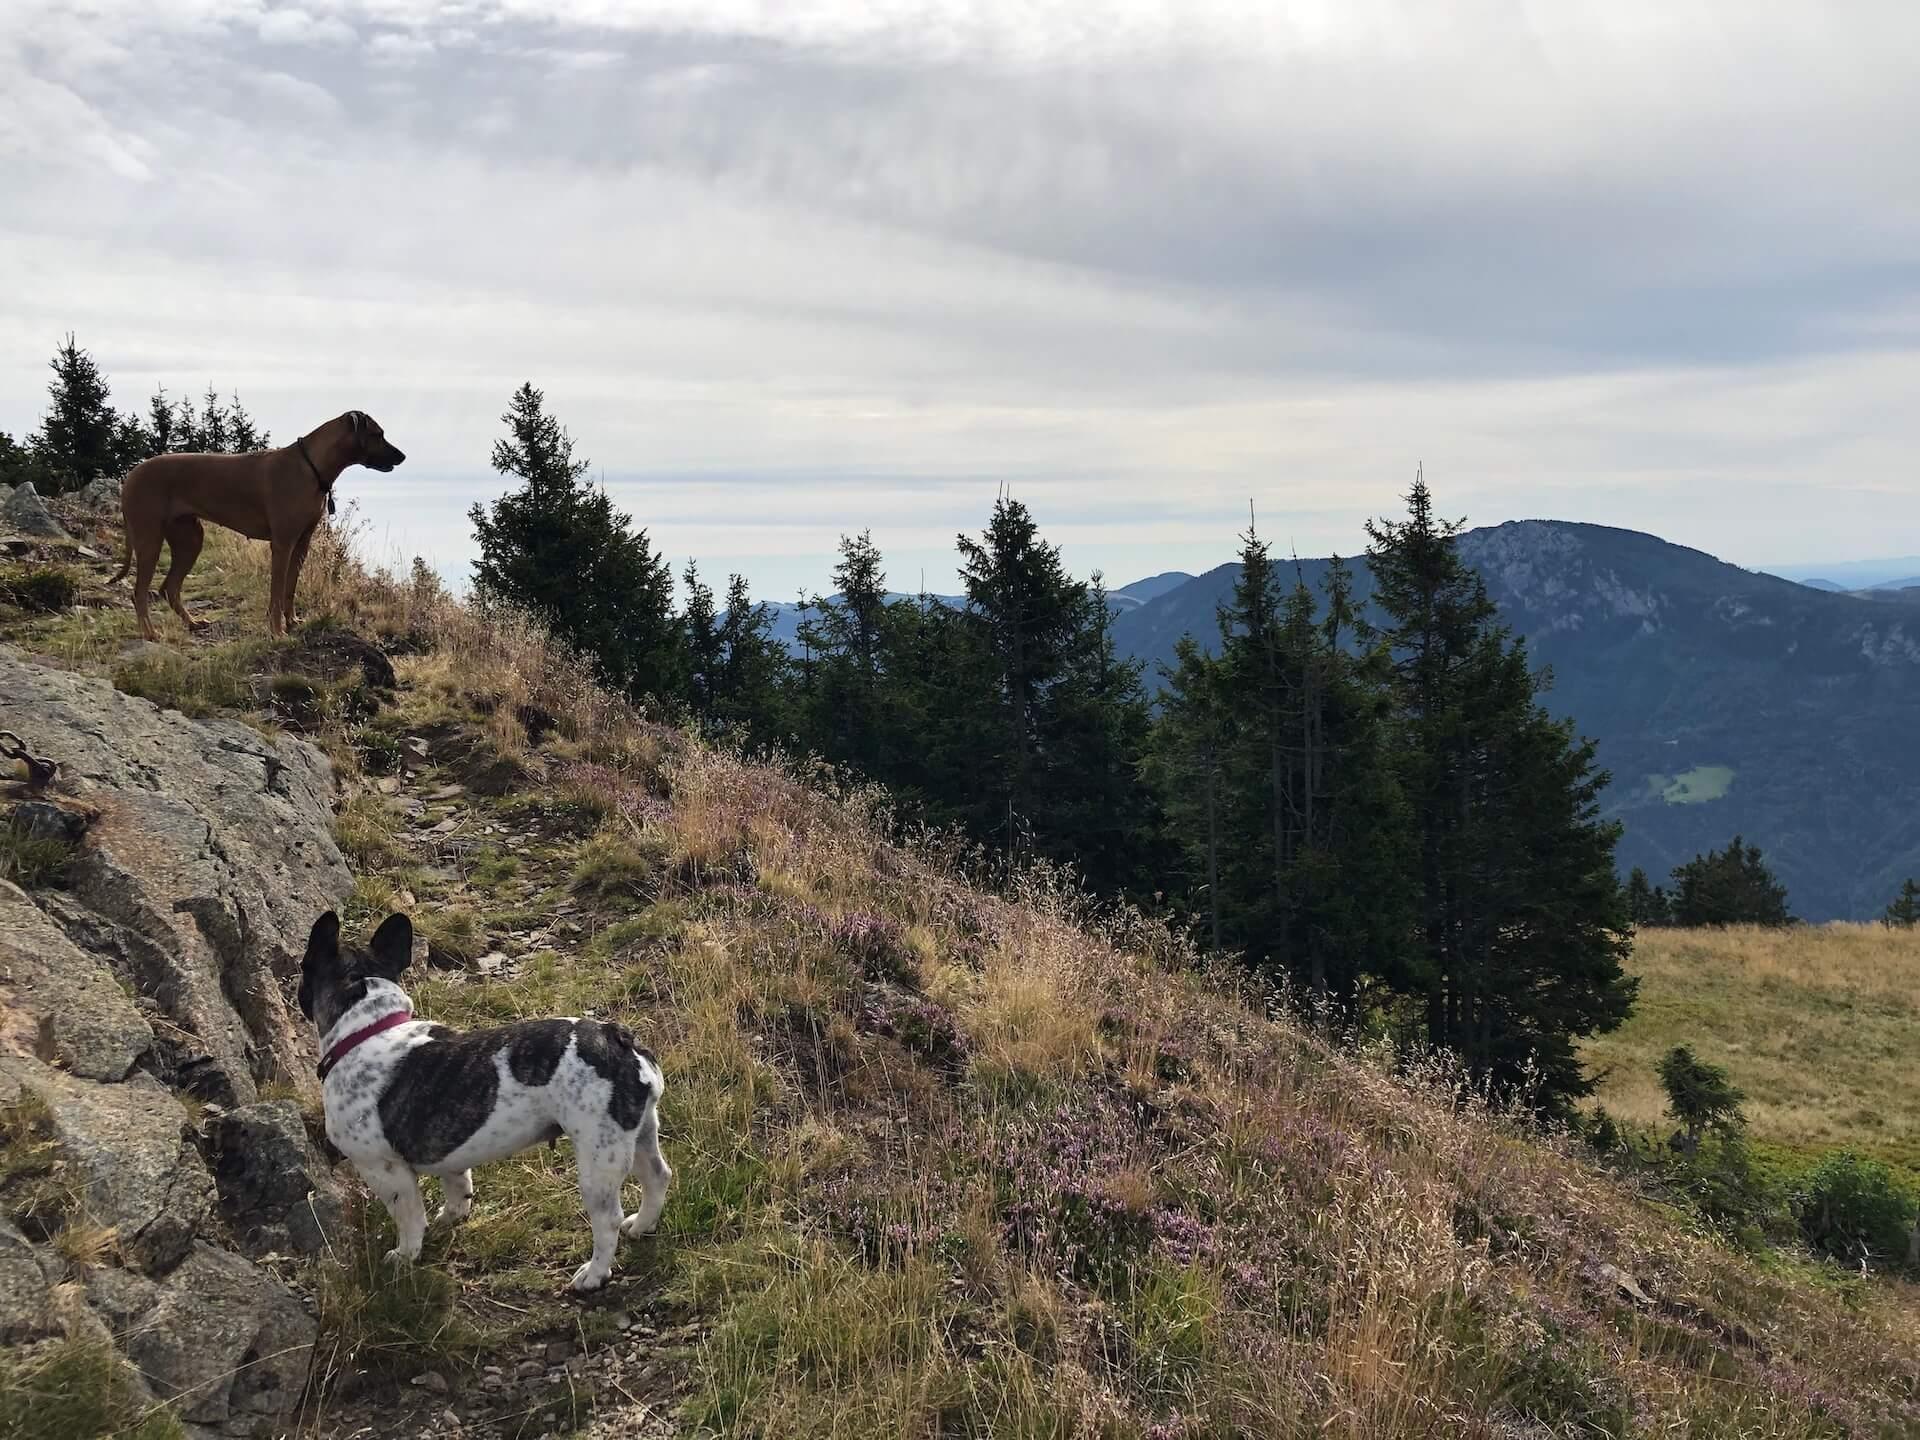 Gemütliche Wanderung von Frauenberg auf das Rennfeld - Hundstage